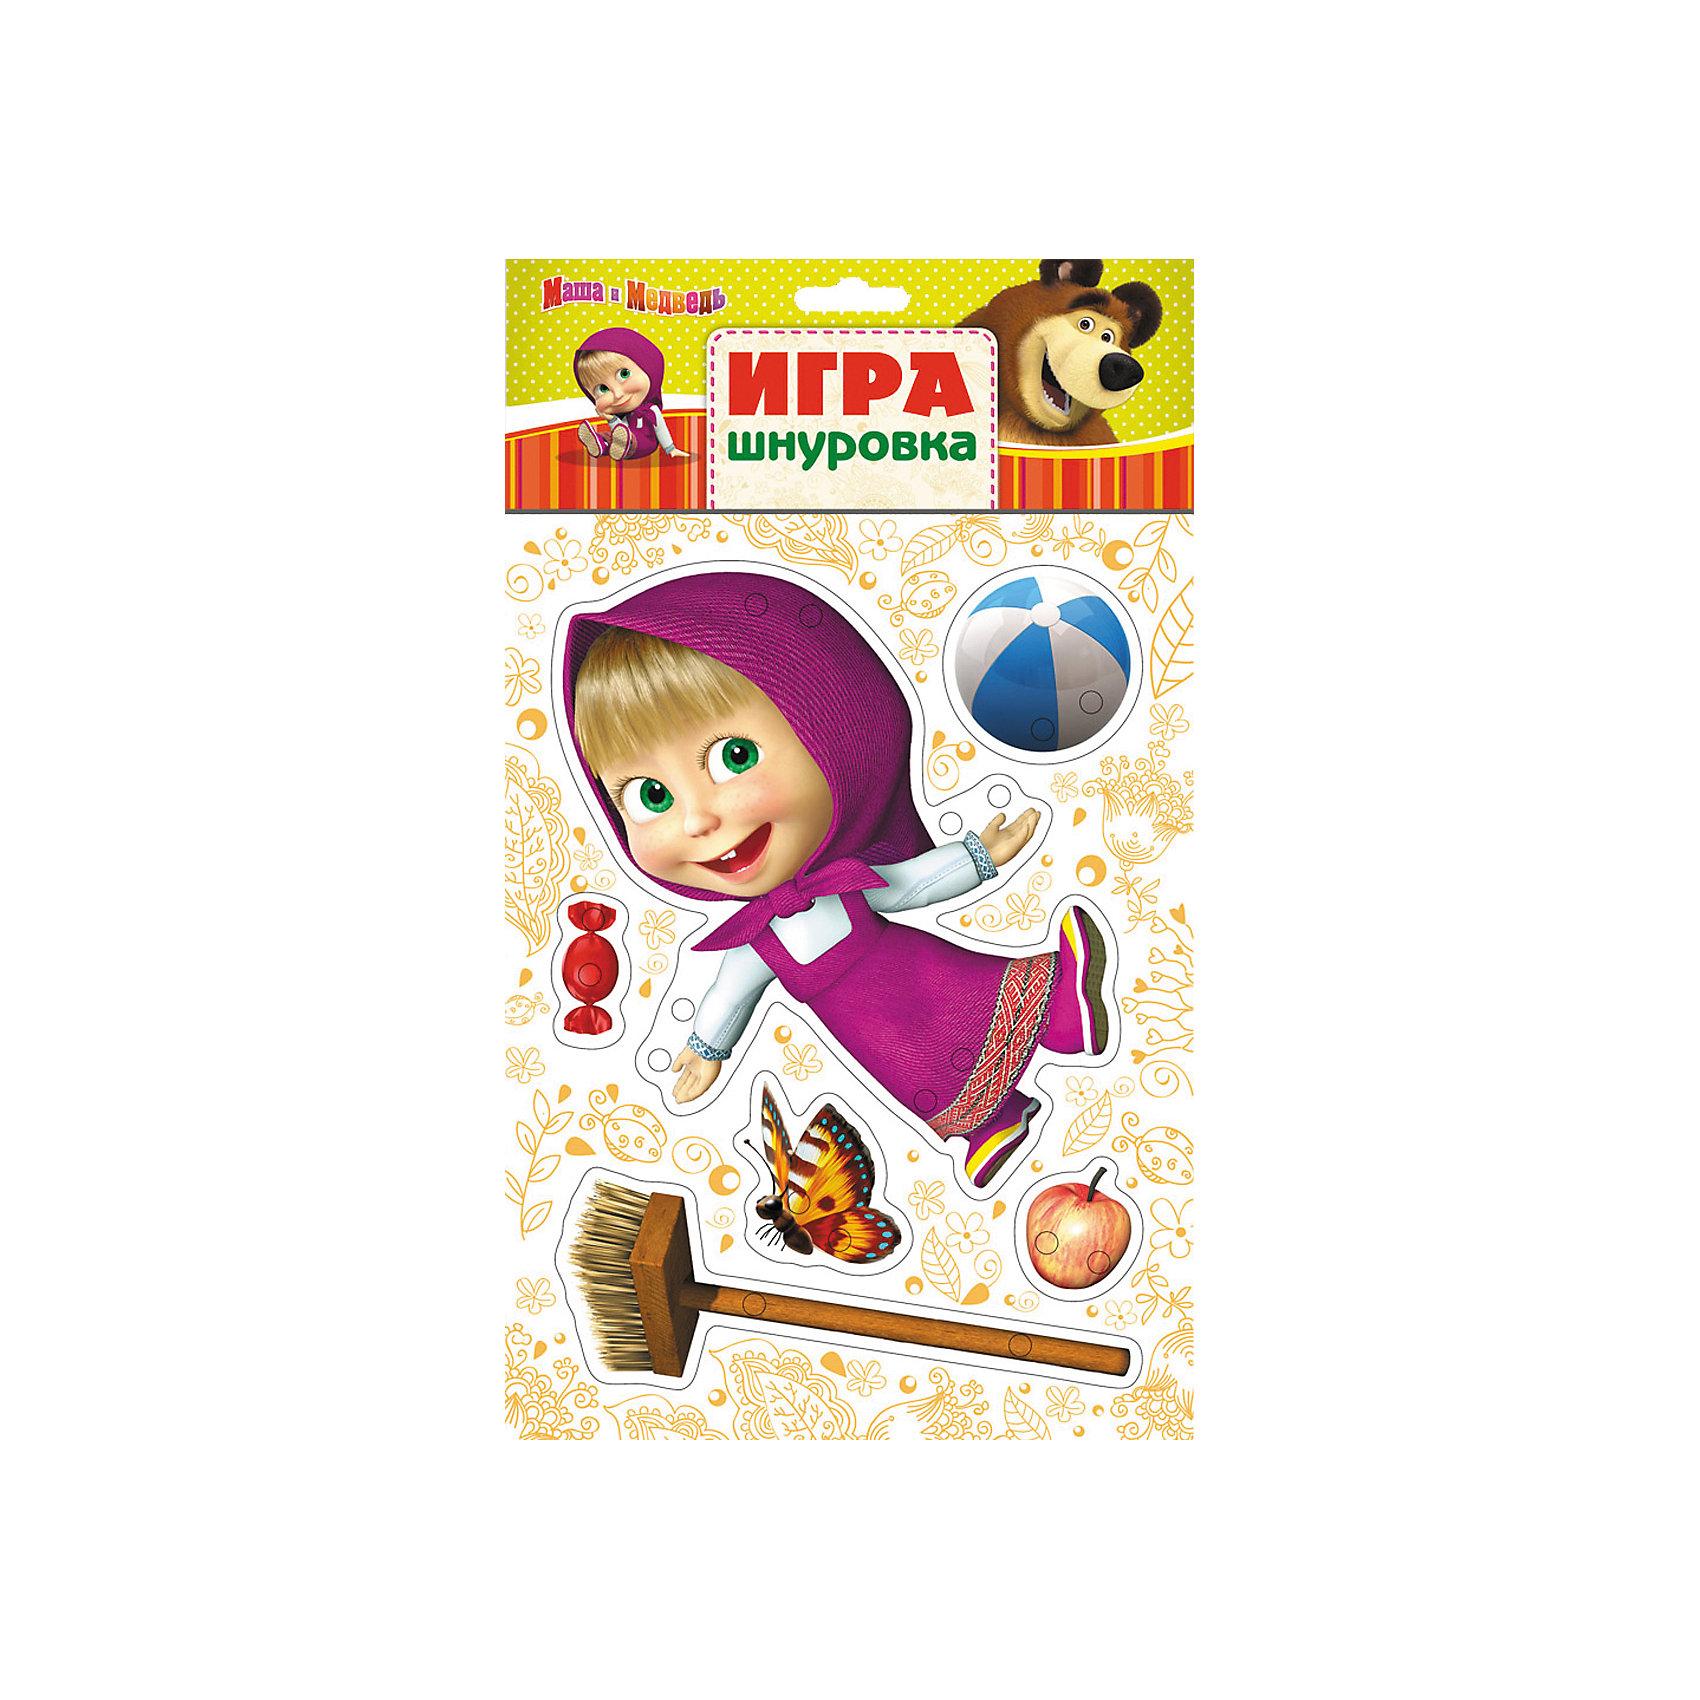 Шнуровка Маша, Маша и МедведьШнуровки<br>Характеристики товара:<br><br>- цвет: разноцветный;<br>- материал: картон;<br>- количество страниц: 1;<br>- формат: 29,0 x 17,0 см;<br>- возраст: 3+.<br><br>Развивающие игры и книги – неотъемлемая часть здорового детства малыша. Улучшить мелкую моторику помогают занятия с мелкими деталями. Игра – шнуровка – безусловный лидер в данной области. На плотном картоне есть отверстия, сквозь которые нужно продет шнурок и создать свою неповторимую модель. Главная тема игрушки – герои популярного детского мультфильма. Все материалы, использованные при производстве издания, соответствуют всем стандартам качества и безопасности. <br><br>Издание Шнуровка Маша, Маша и Медведь от компании Росмэн можно приобрести в нашем интернет-магазине.<br><br>Ширина мм: 285<br>Глубина мм: 170<br>Высота мм: 2<br>Вес г: 60<br>Возраст от месяцев: 24<br>Возраст до месяцев: 36<br>Пол: Унисекс<br>Возраст: Детский<br>SKU: 3434605